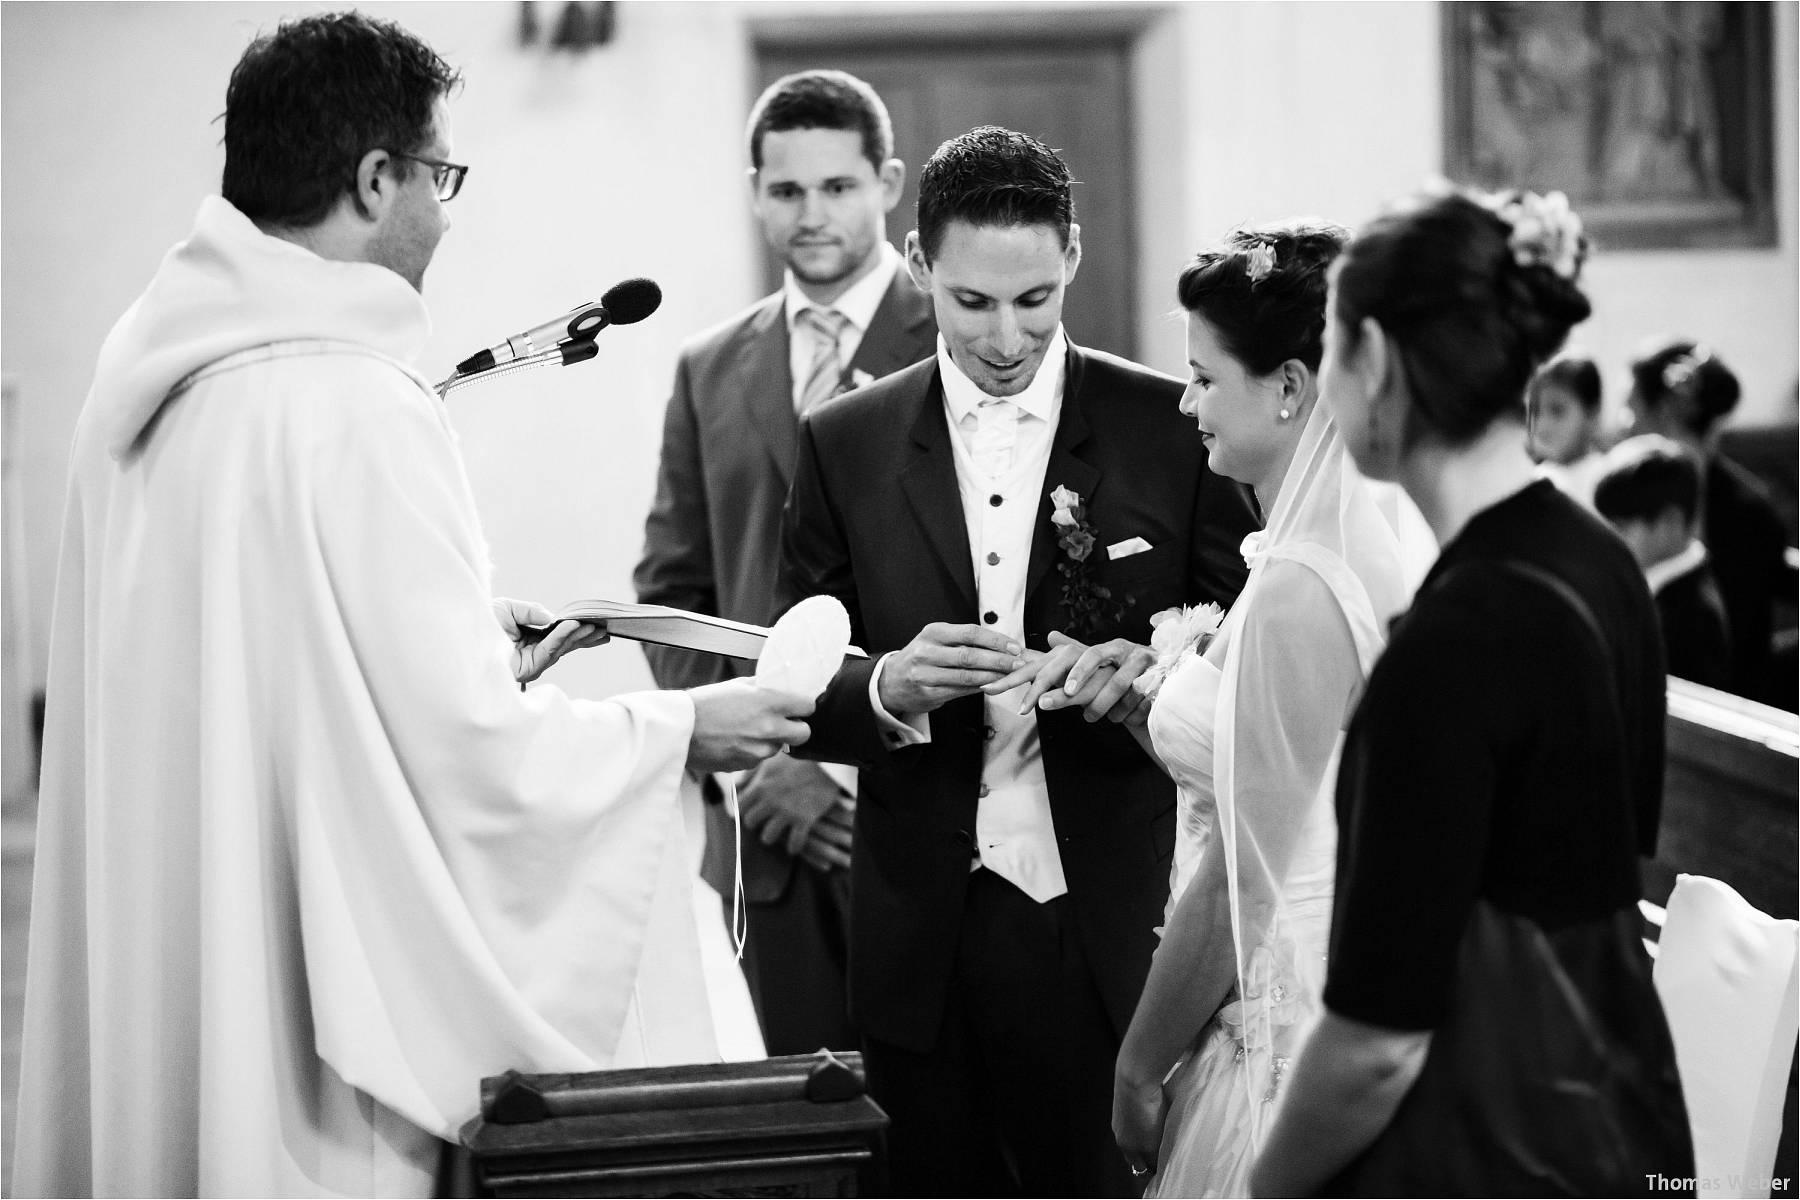 Hochzeitsfotograf Bremen: Kirchliche Trauung in der Propsteikirche St. Johann im Bremer Schnoor und Hochzeitsfeier bei Rogge Dünsen (9)